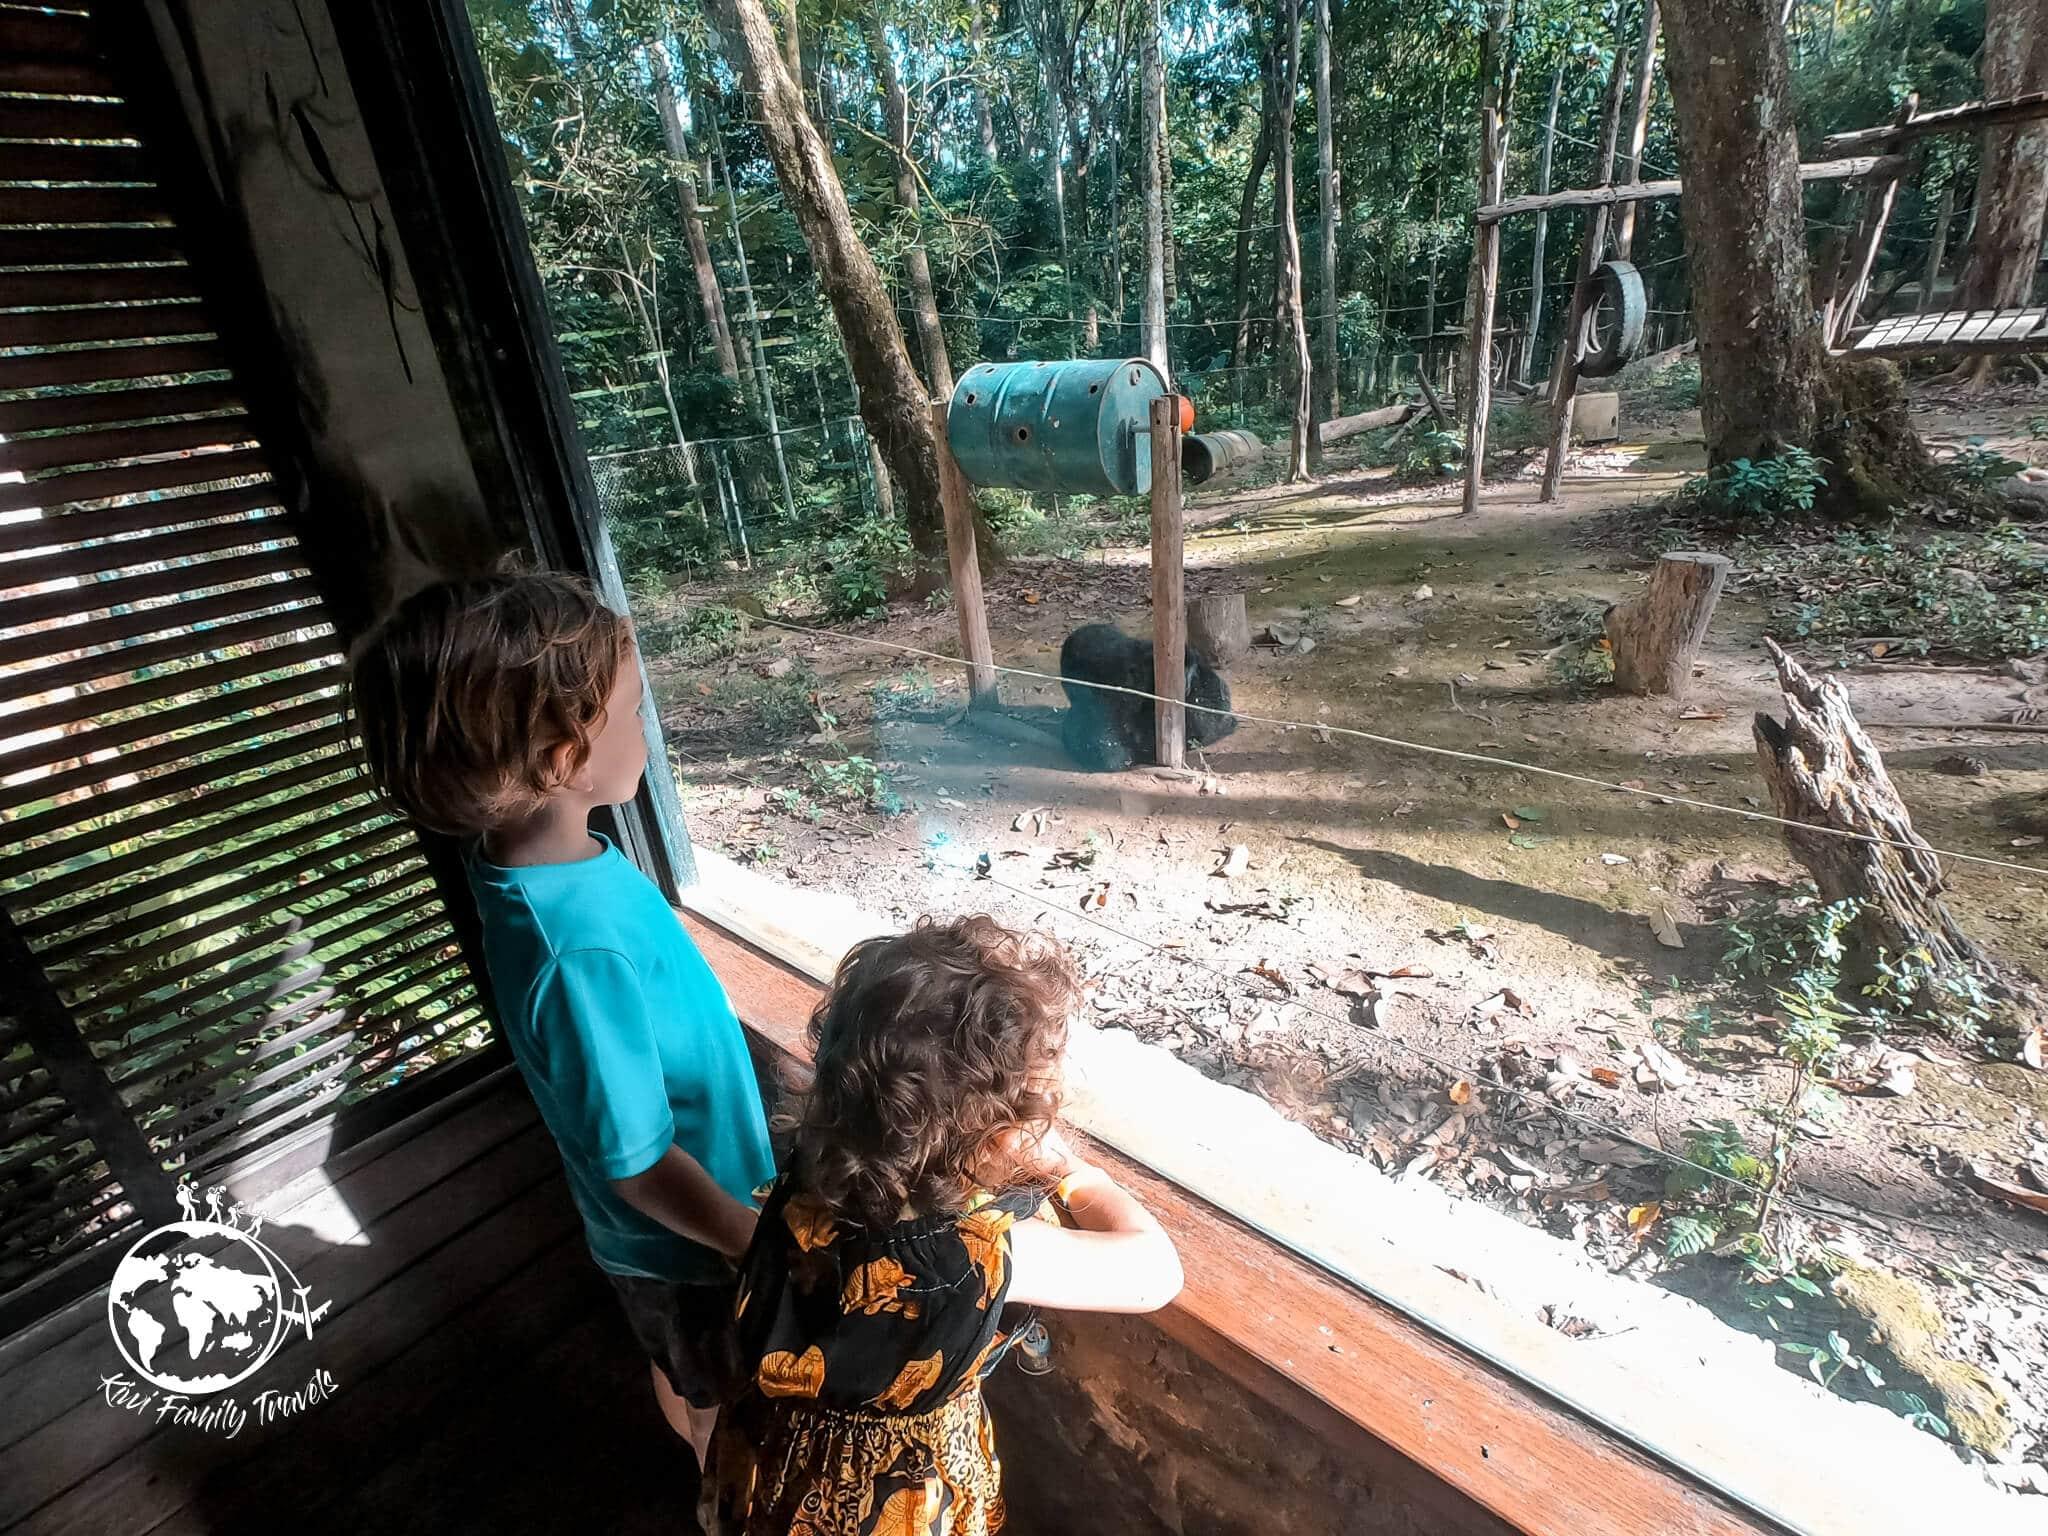 Logan et Théa regardant les ours